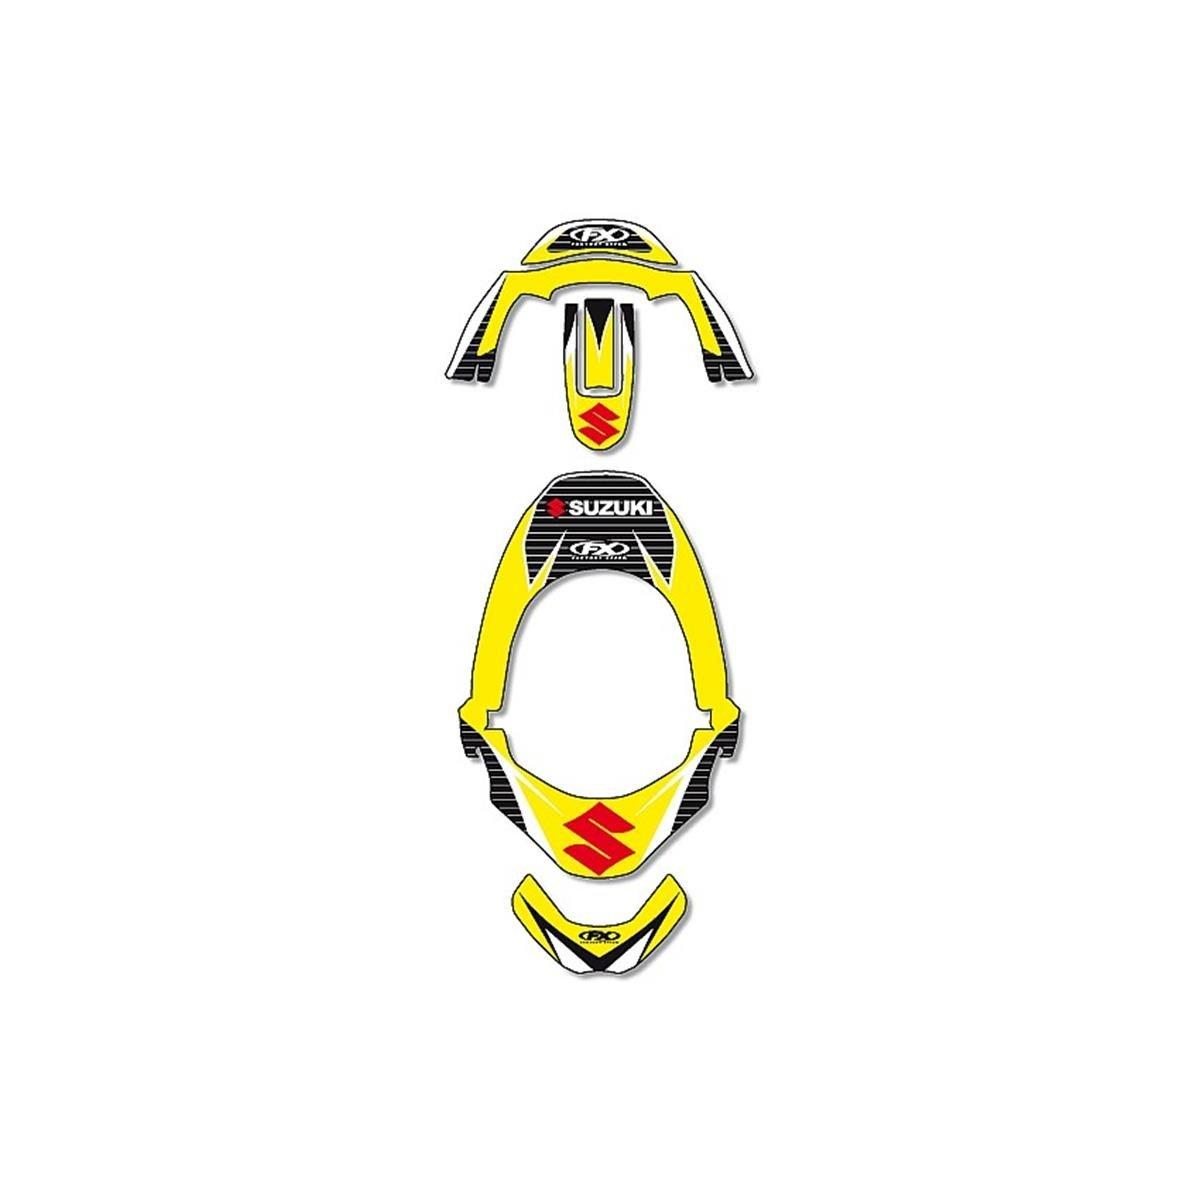 Factory Effex Stickerkit für Nackenschutz Leatt Suzuki